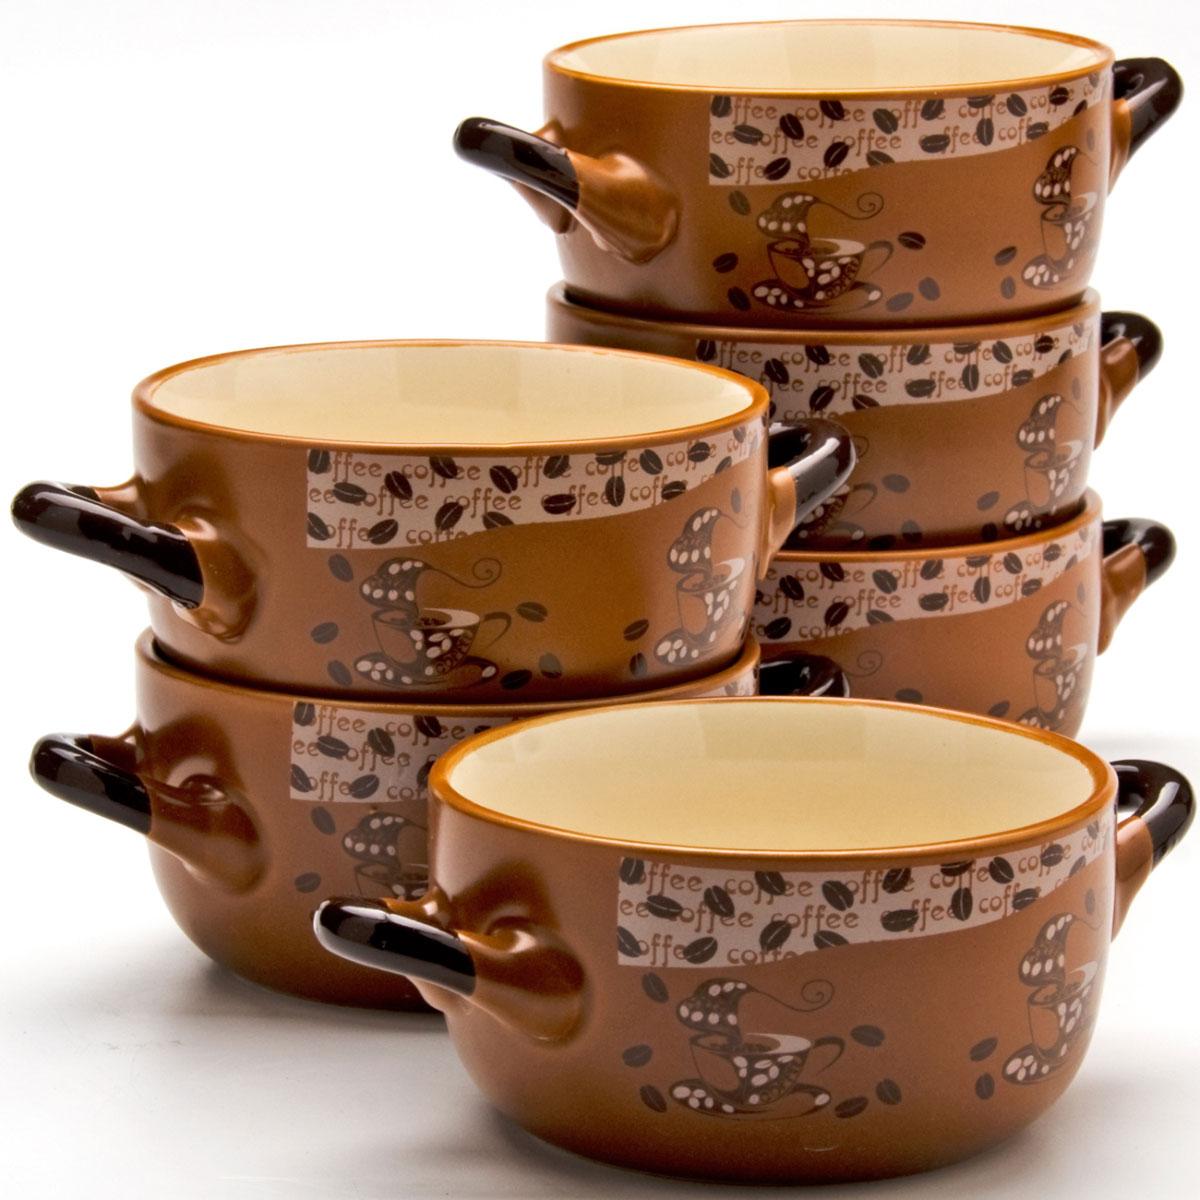 Набор супниц Loraine, 380 мл, 6 предметов. 2354654 009312Каждая хозяйка знает – красивое должно быть и удобным, ведь в первую очередь на кухне важна функциональность. Набор состоит из 6-х керамических супниц. Керамика обладает термической и химической прочностью, поэтому супницы прослужат Вам по-настоящему долго. Набор супниц шоколадного цвета приятно задекорирован светлыми,нежными тонами, создаст на кухне атмосферу уюта. Благодаря своей форме, супницы и подставку легко мыть как вручную, так и в посудомоечной машинке, а компактный размер набора позволит удобно хранить его на любой кухне.